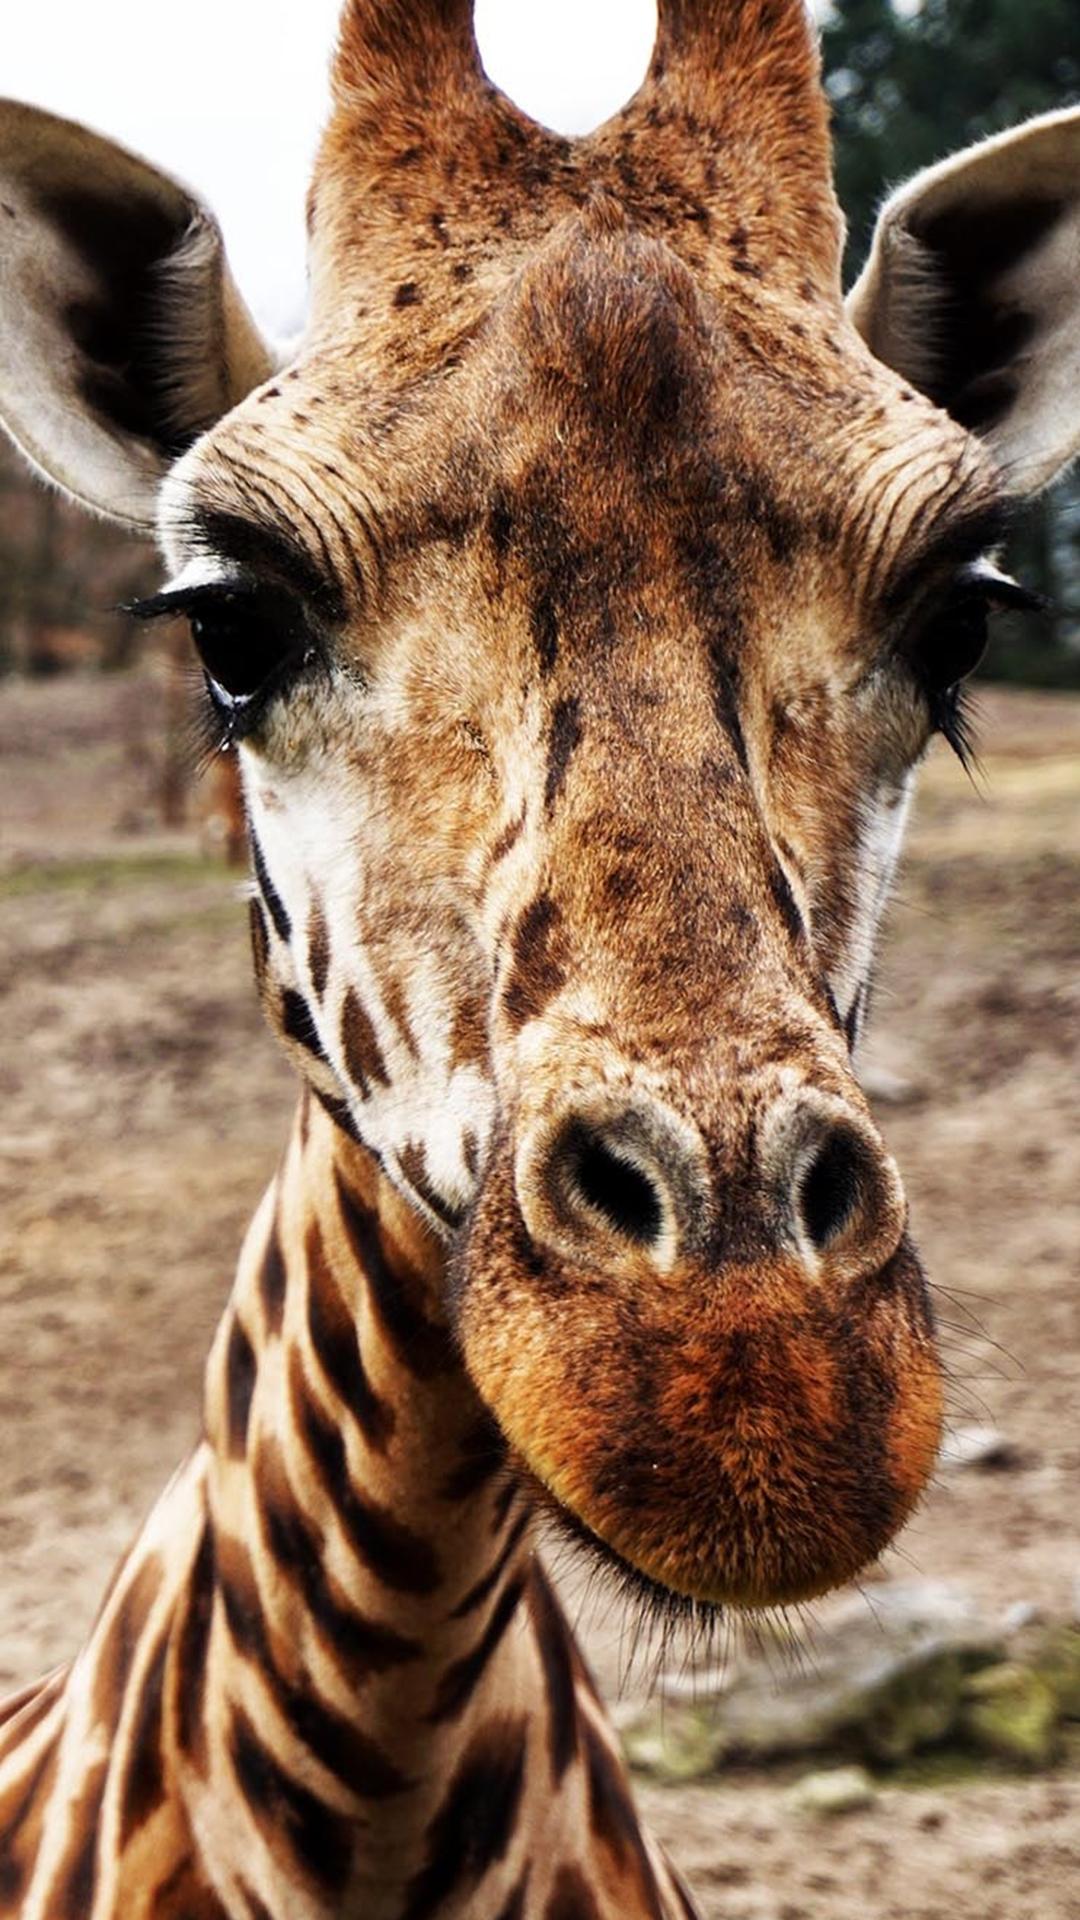 Free HD Giraffe Phone Wallpaper8575